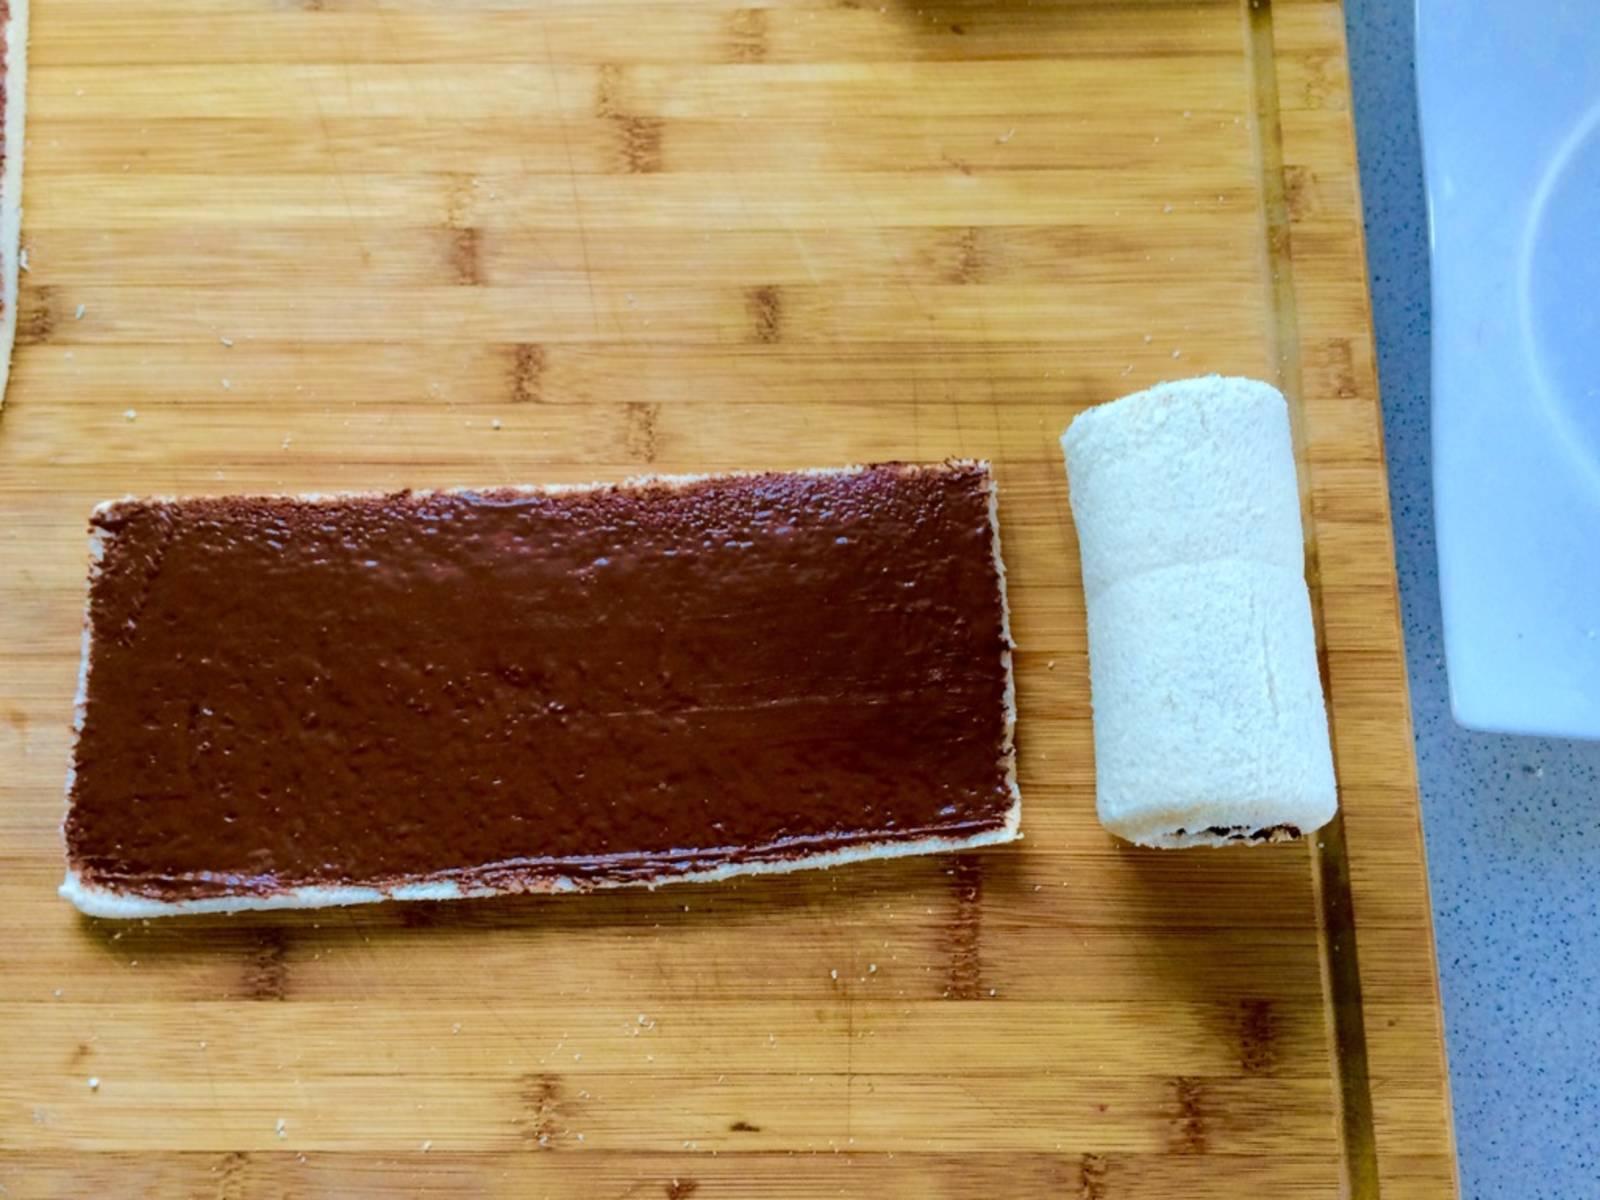 用擀面杖将吐司擀平,然后薄薄地抹上一层巧克力酱。碾碎覆盆子后放到吐司上。